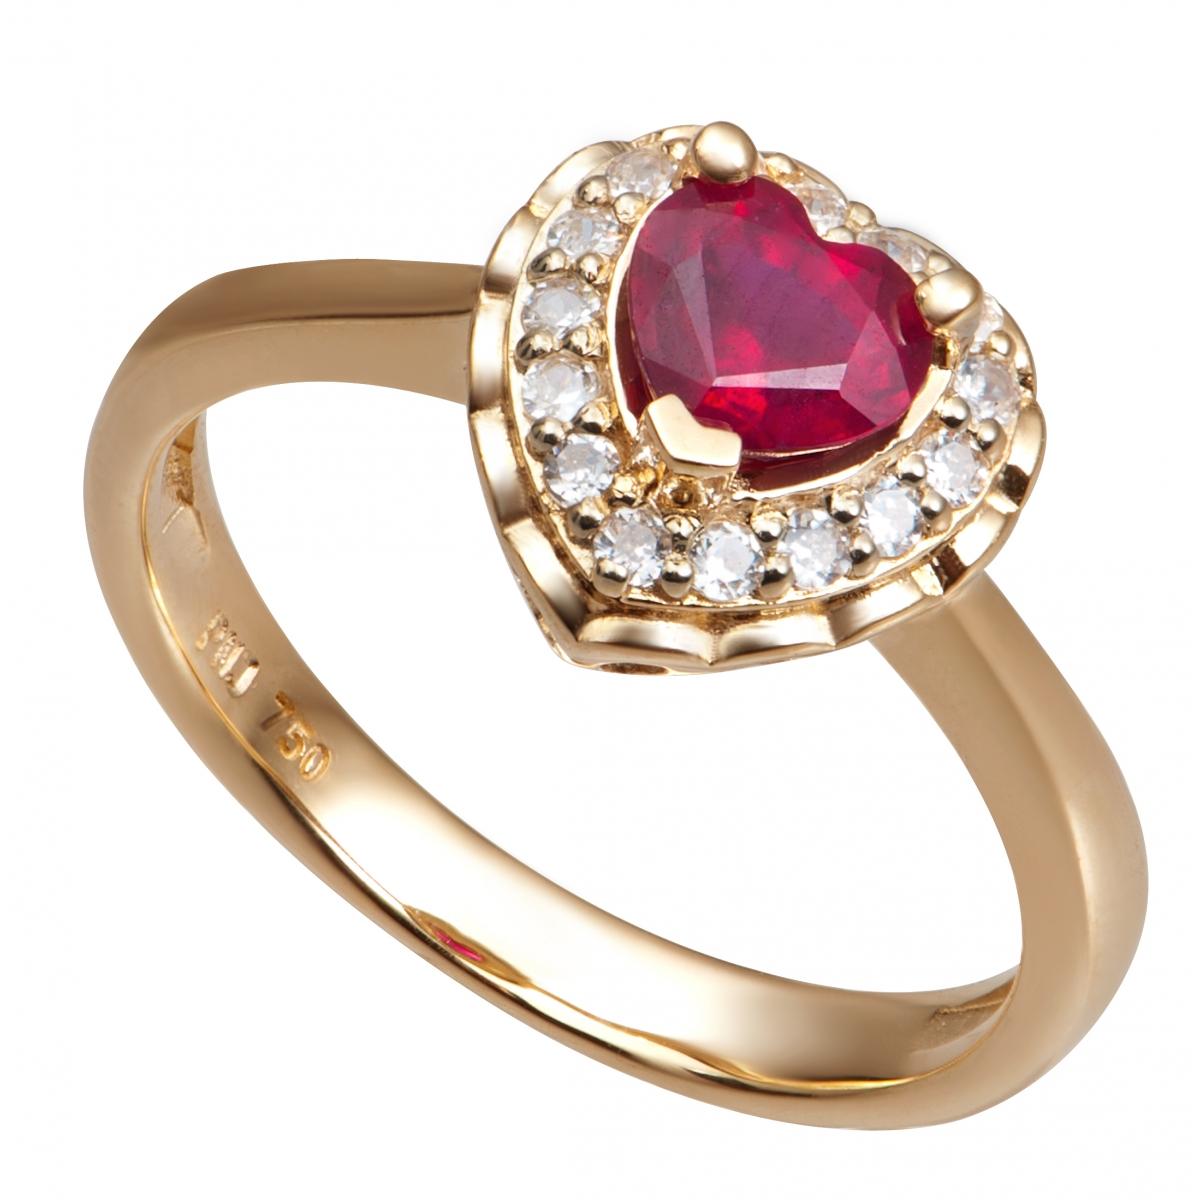 Nhẫn PNJ Vàng 18K đính đá Ruby 75575.600